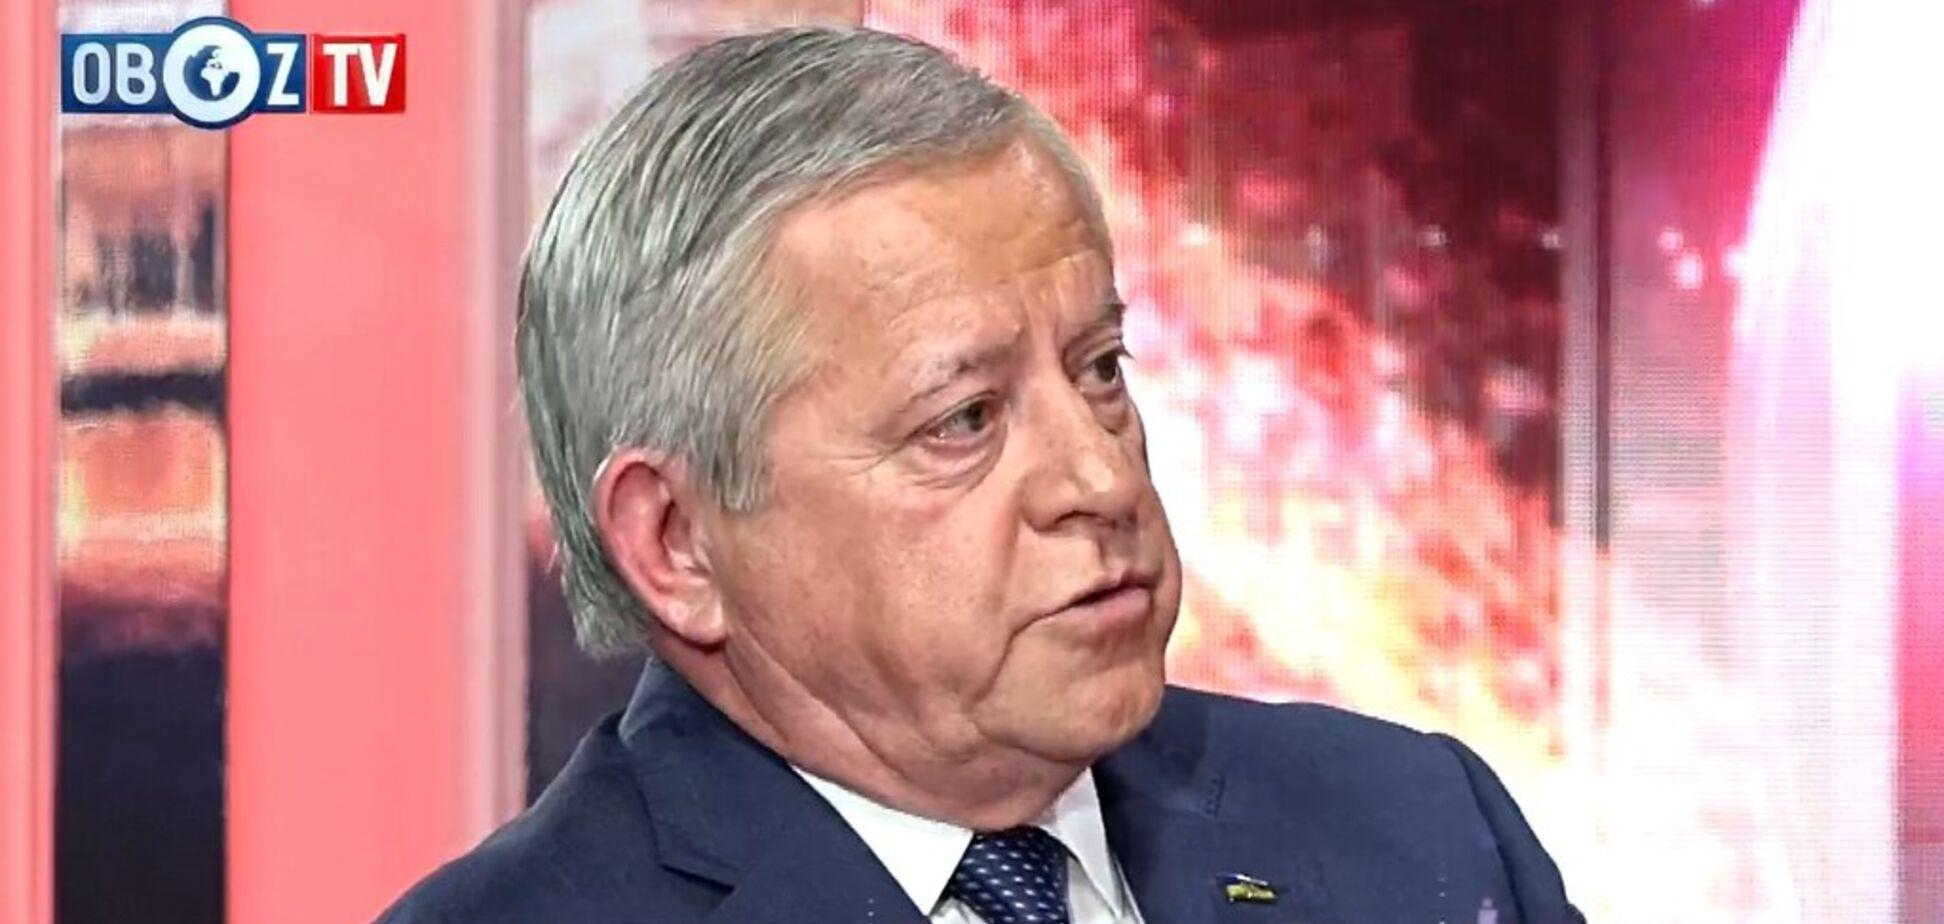 Насмехаются над Украиной: экс-премьер рассказал популярную в ЕС шутку